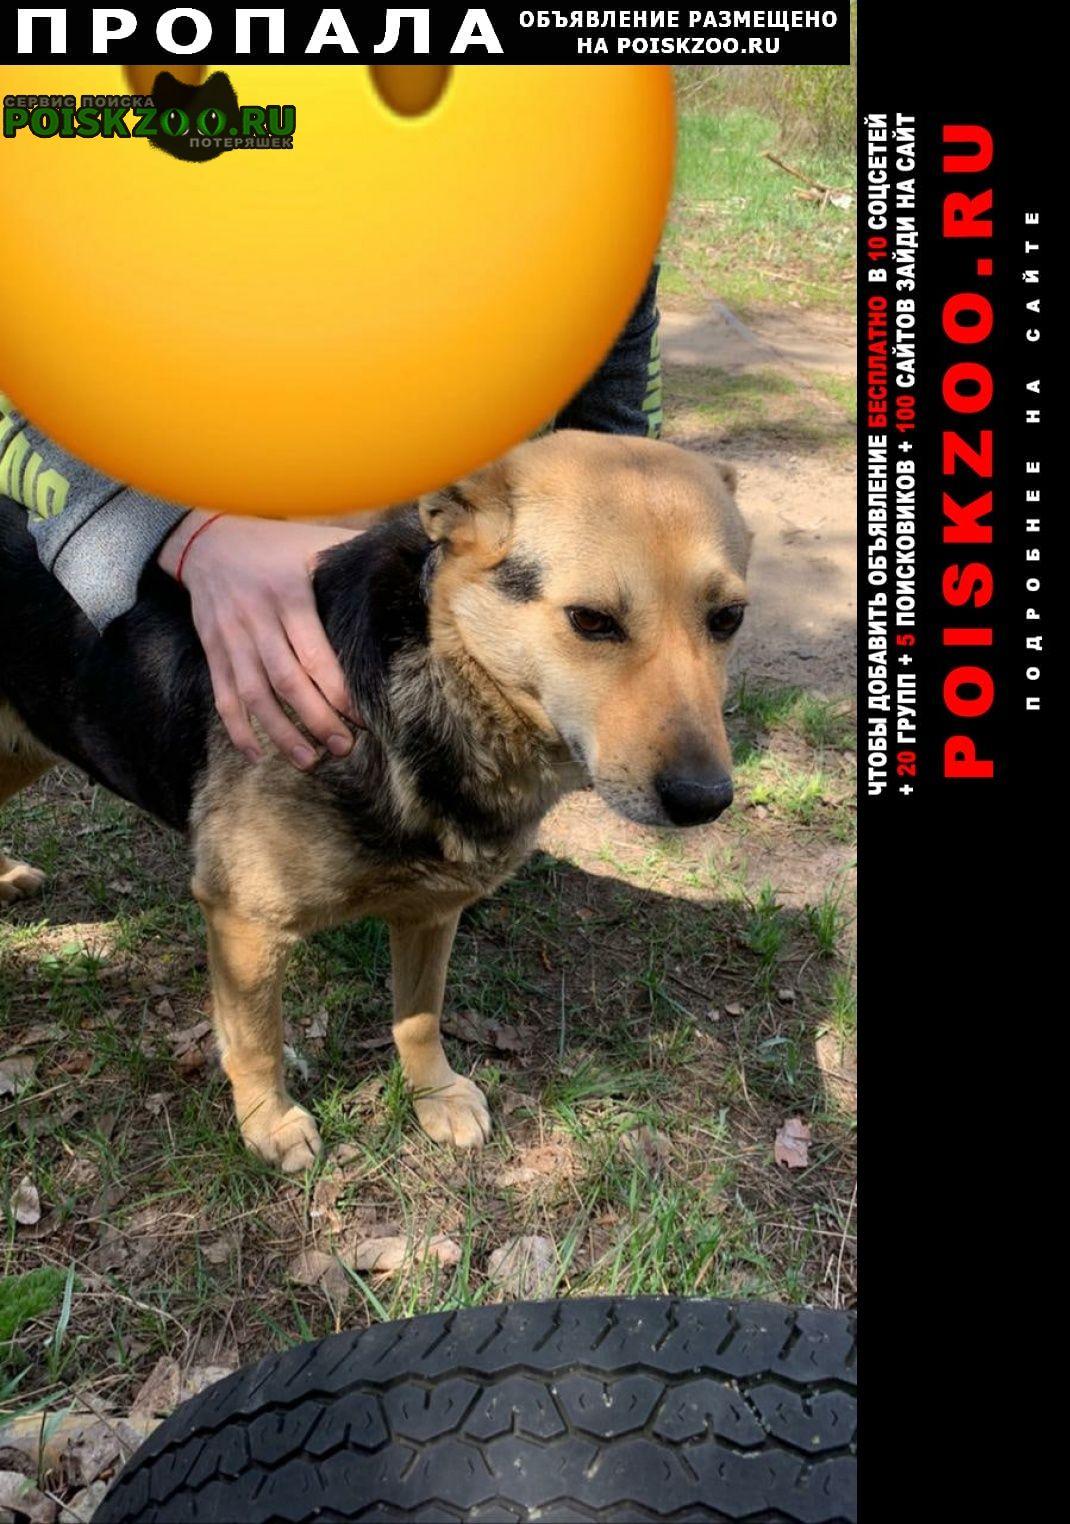 Пропала собака кобель продолжаем поиски Воронеж